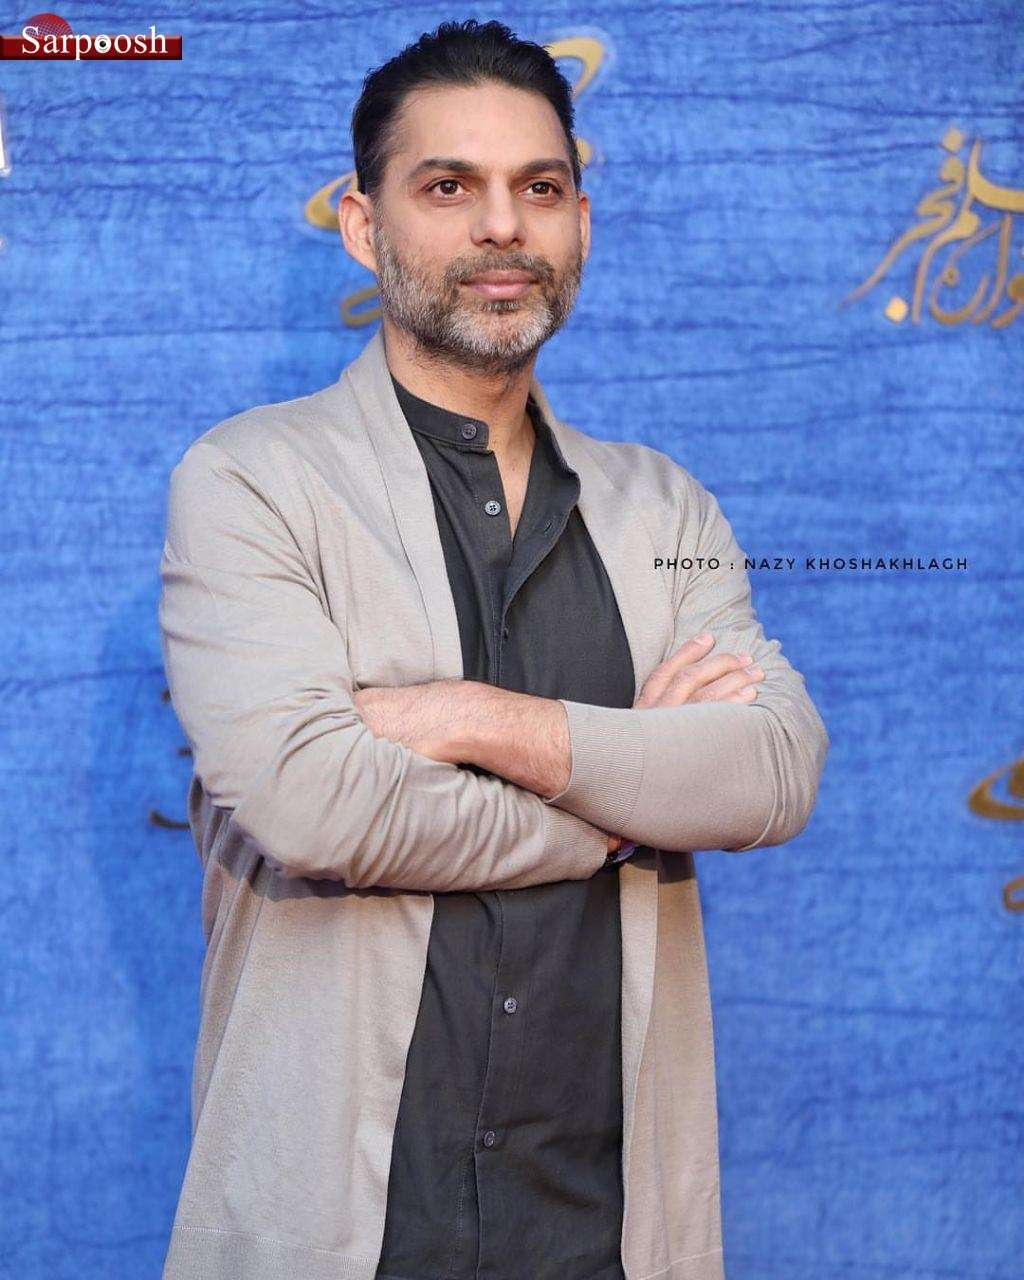 چهره ها در سی و هفتمین جشنواره فیلم فجر,اخبار هنرمندان,خبرهای هنرمندان,بازیگران سینما و تلویزیون